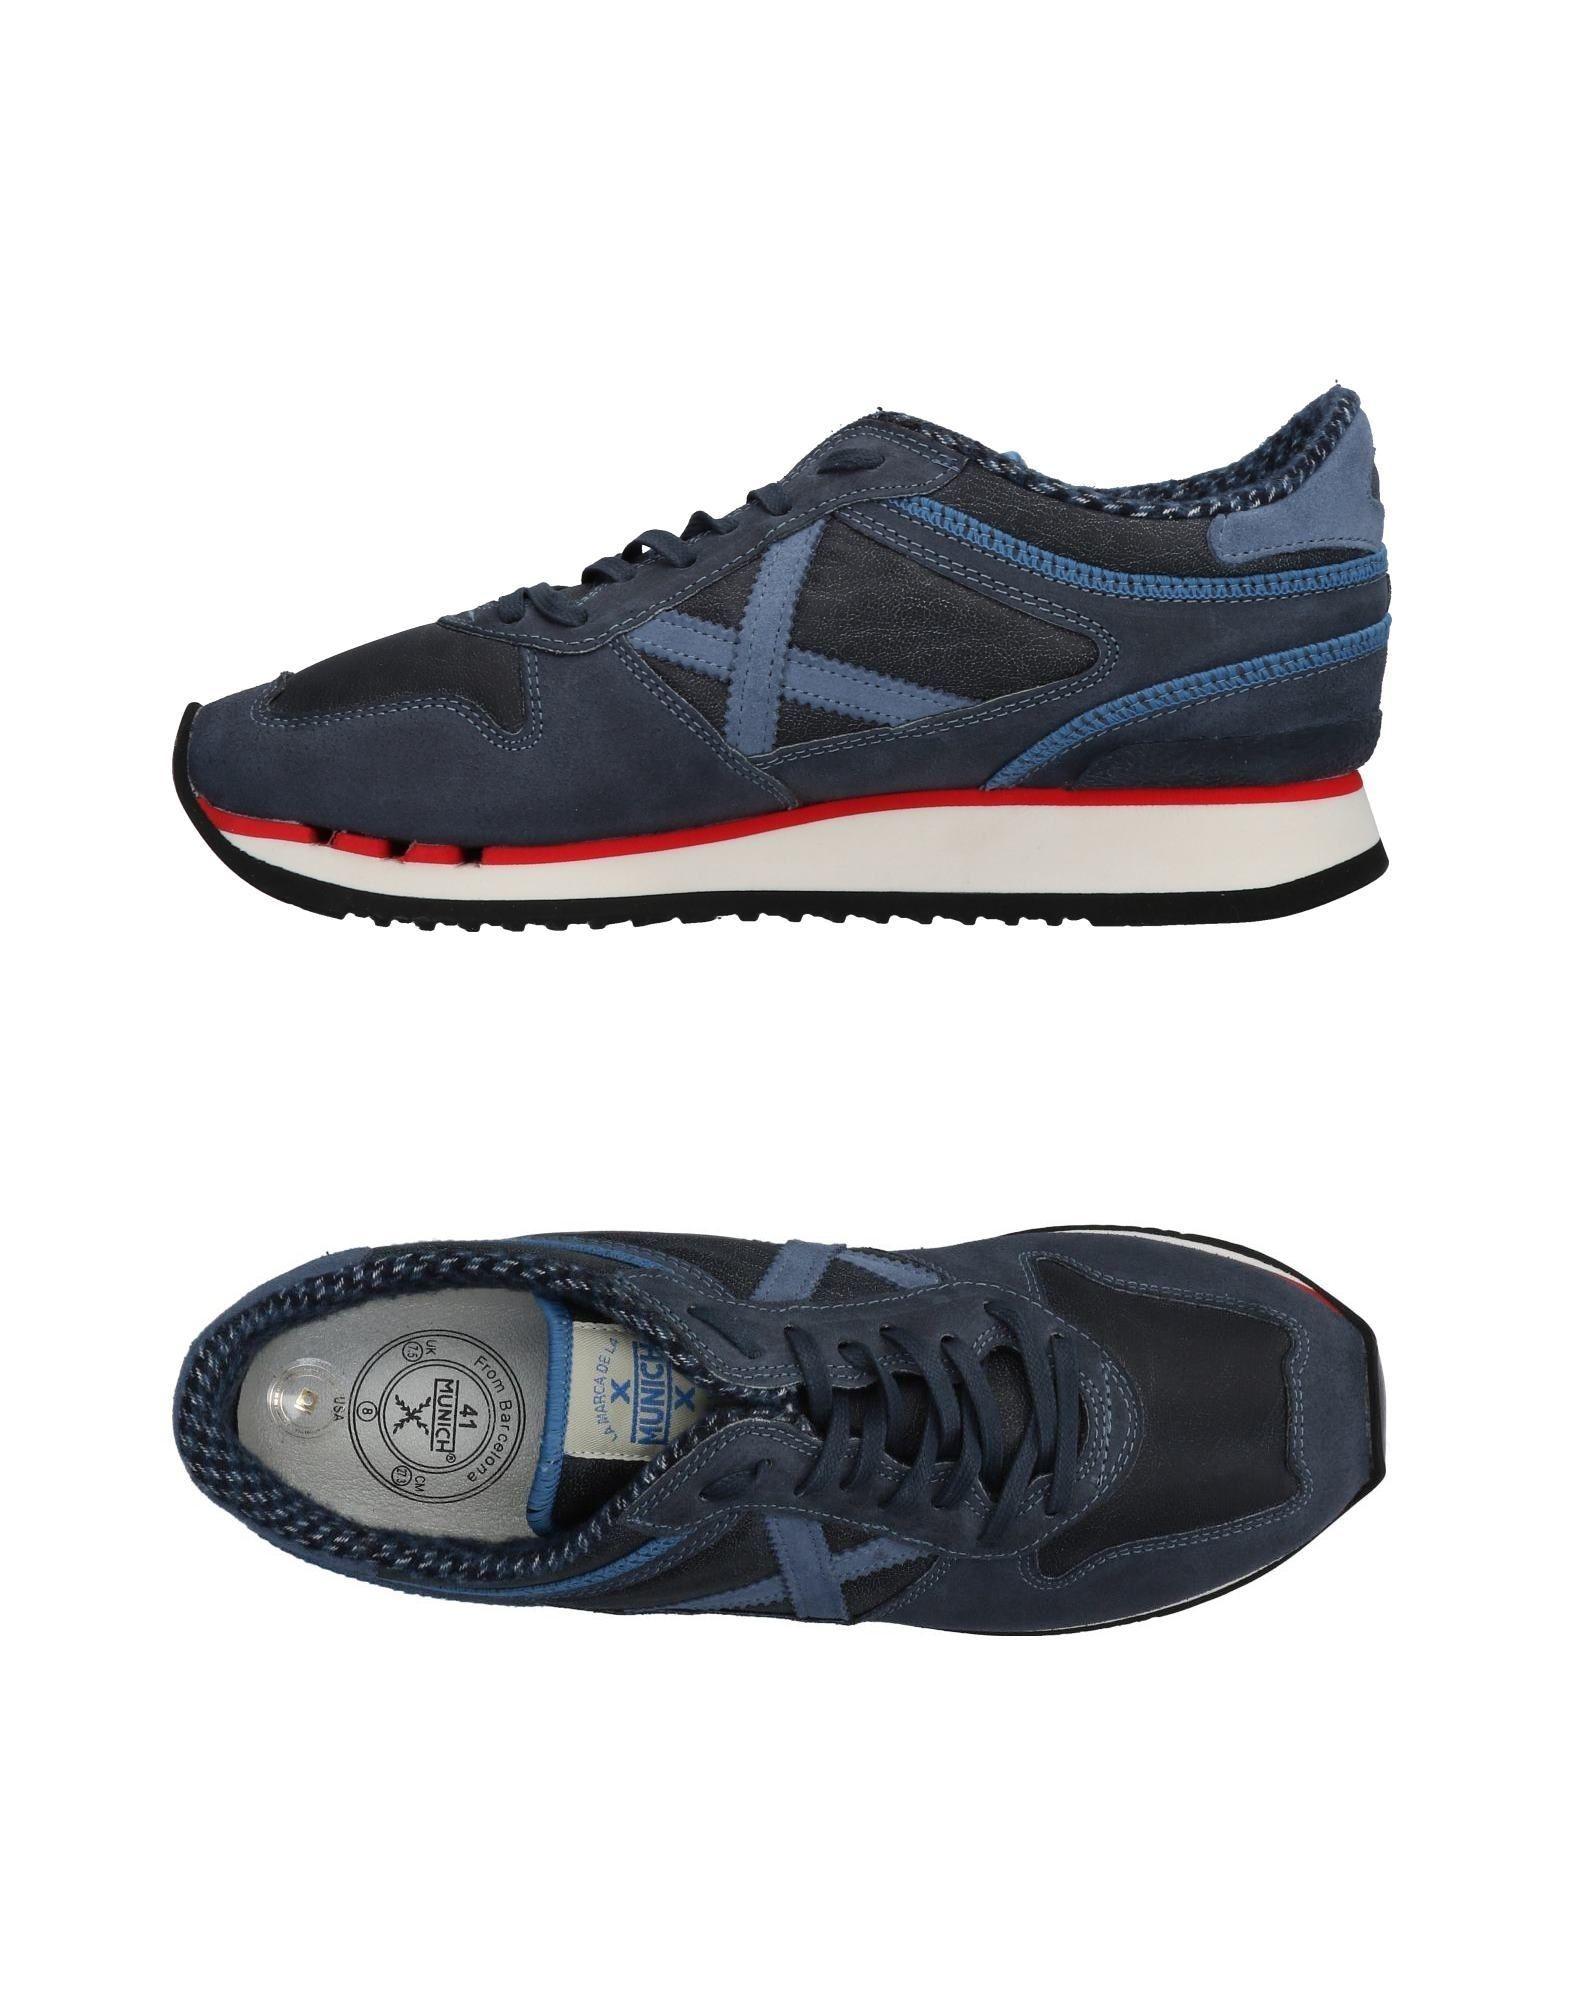 Rabatt echte Sneakers Schuhe Munich Sneakers echte Herren  11467729HL 421d39